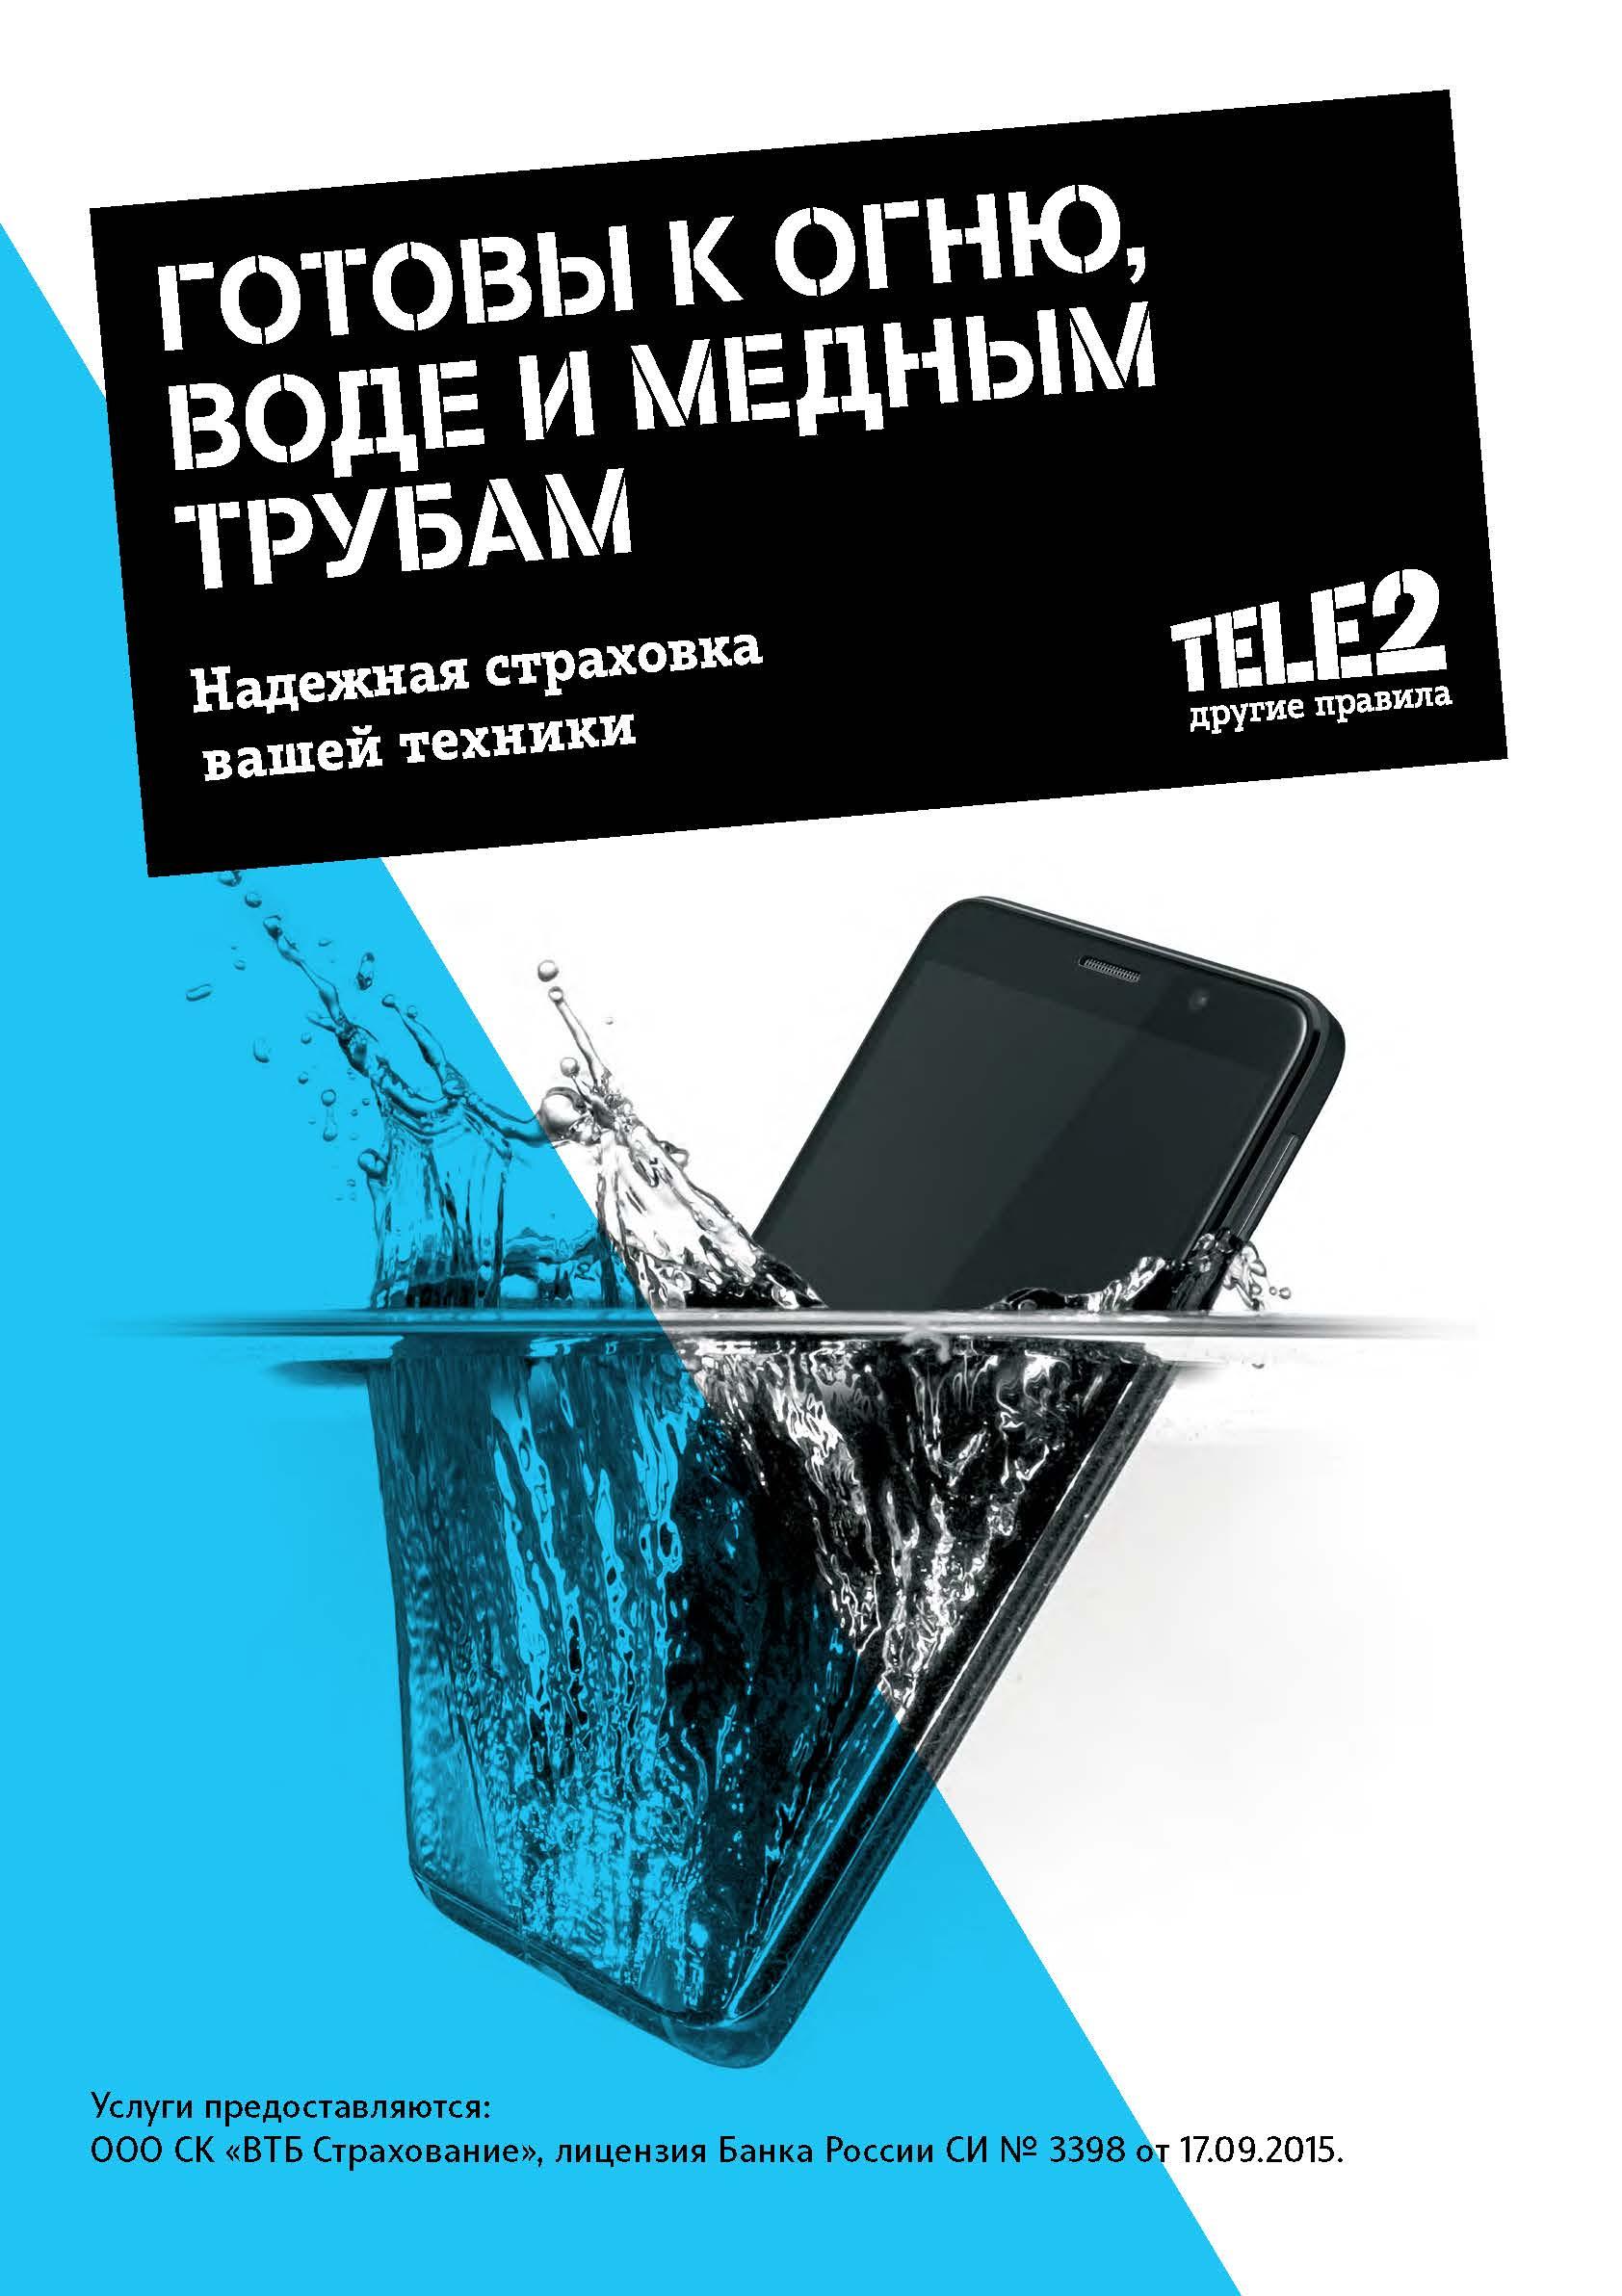 Tele2 взялась за страхование 1